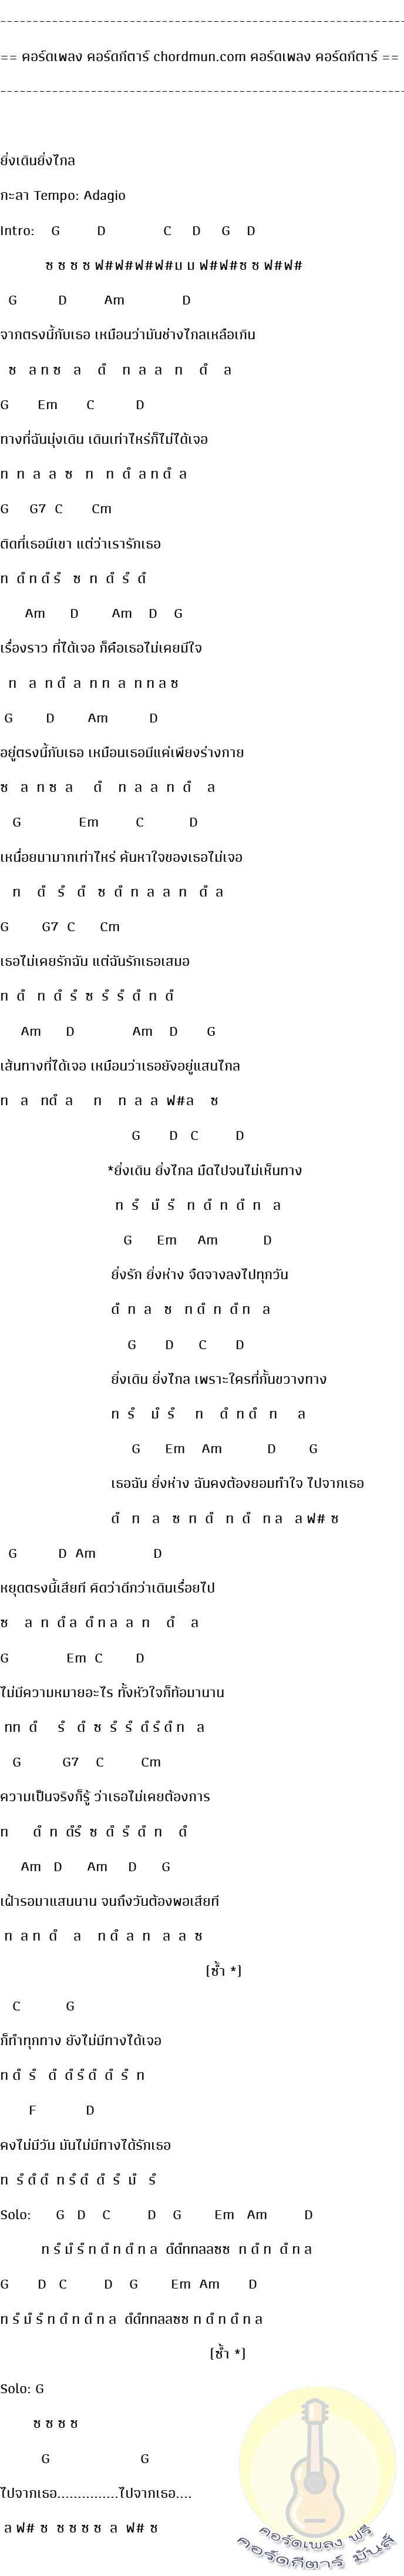 คอร์ดกีต้าโปร่ง  เพลง ิยิ่งเดินยิ่งไกล (คีย์บอร์ด)